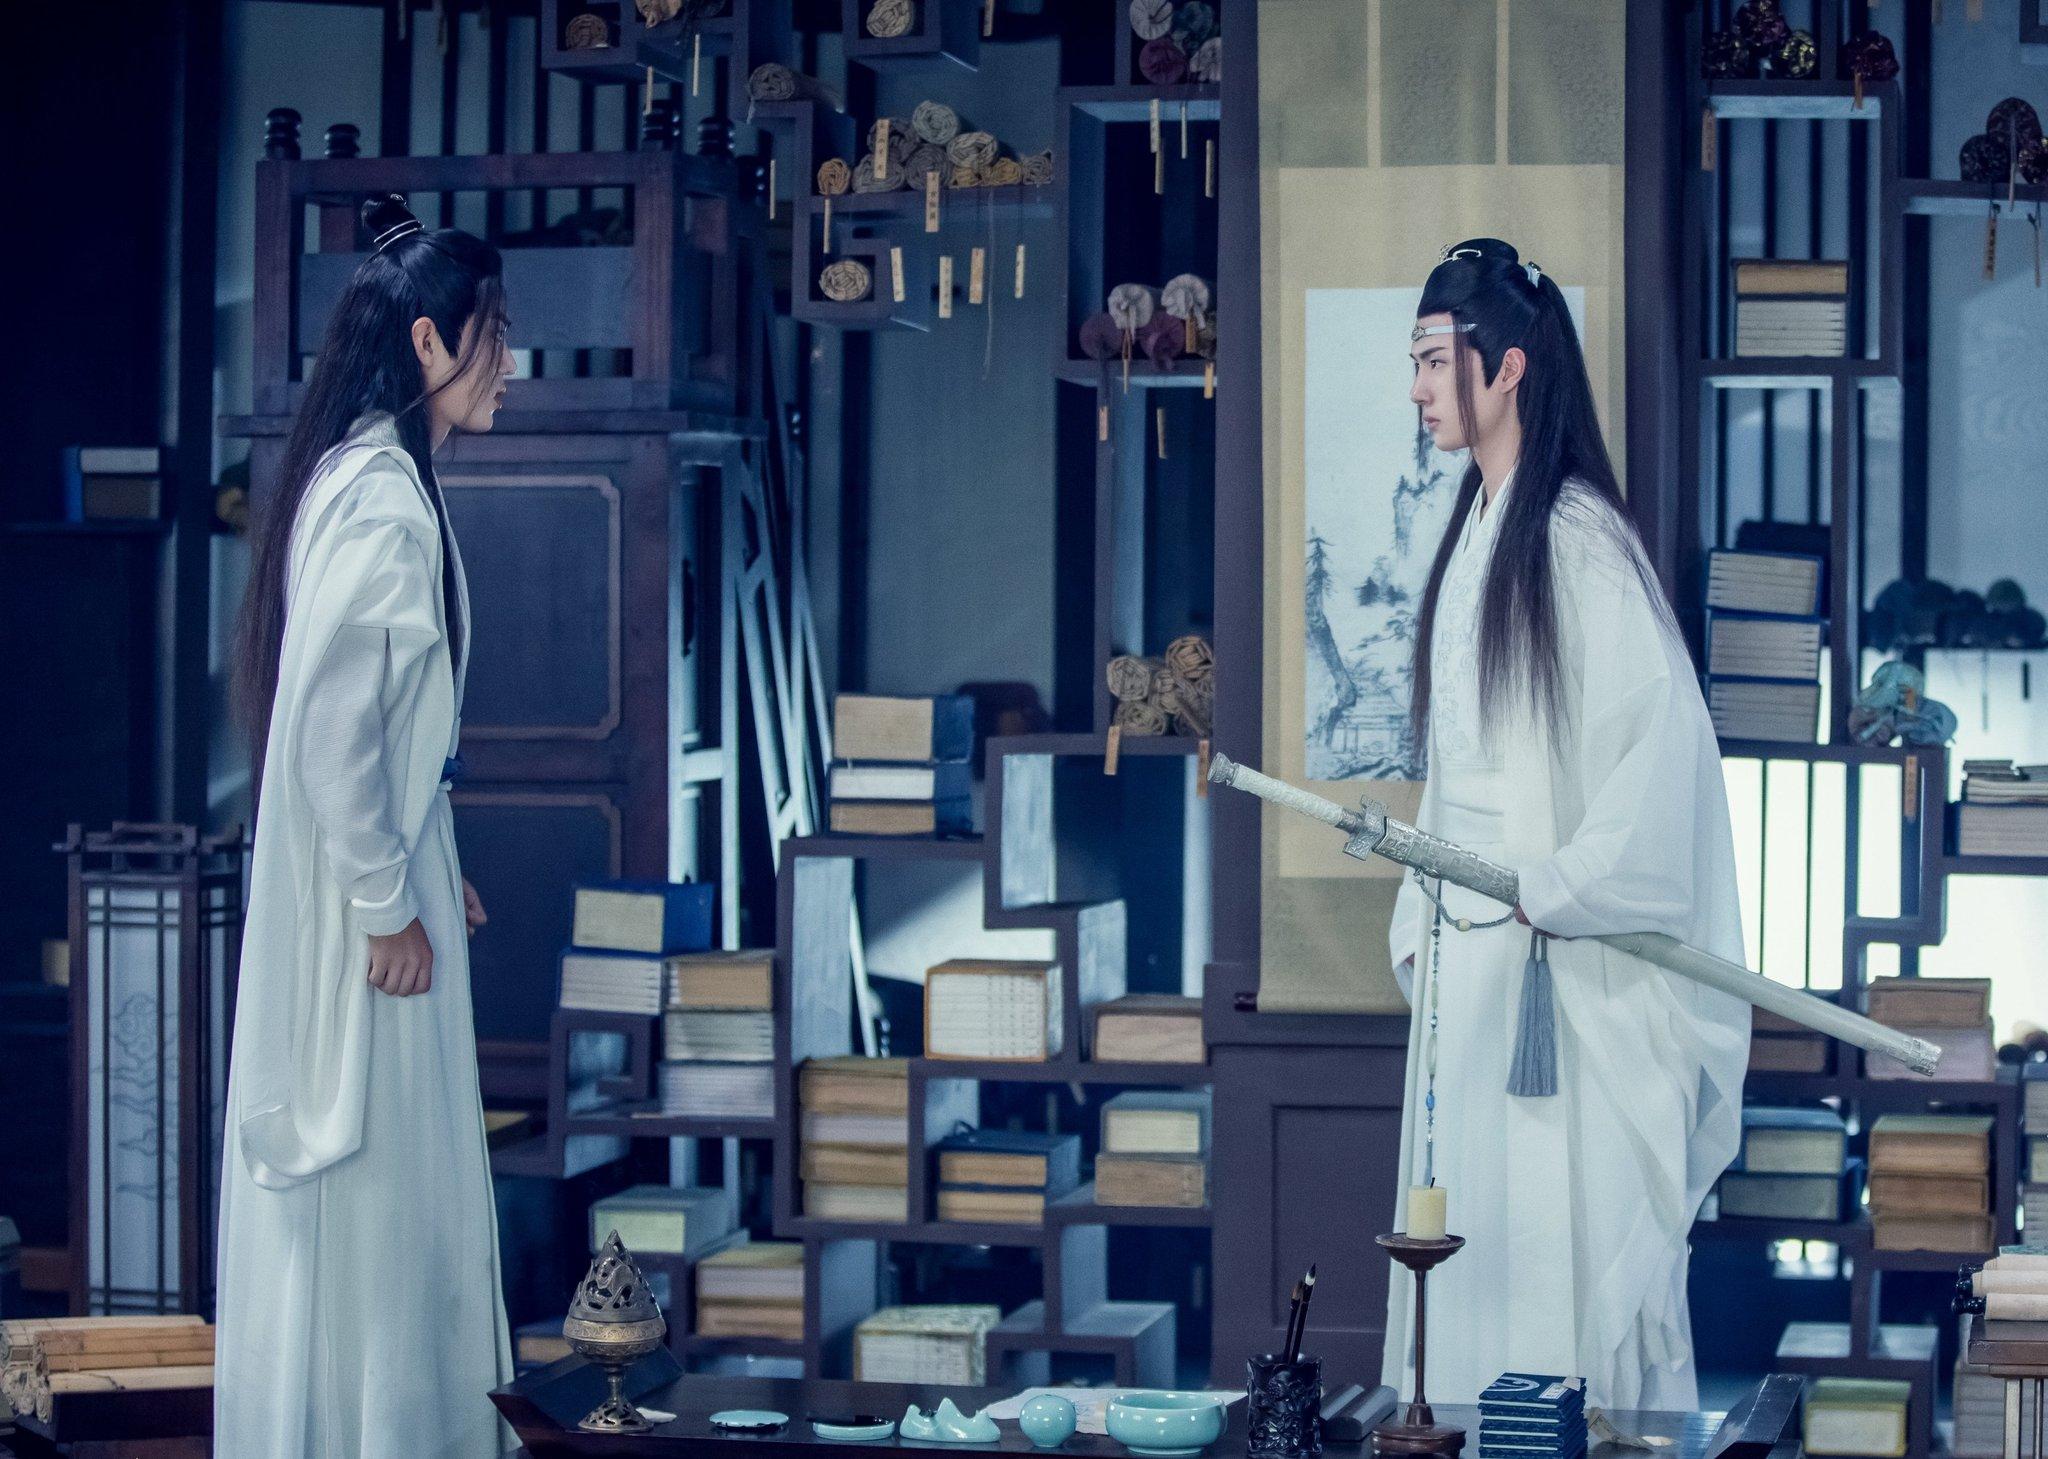 Wei Ying Wei Wuxian Lan Wangji Lan Zhan Xiao Zhan Wang Yibo 2048x1459